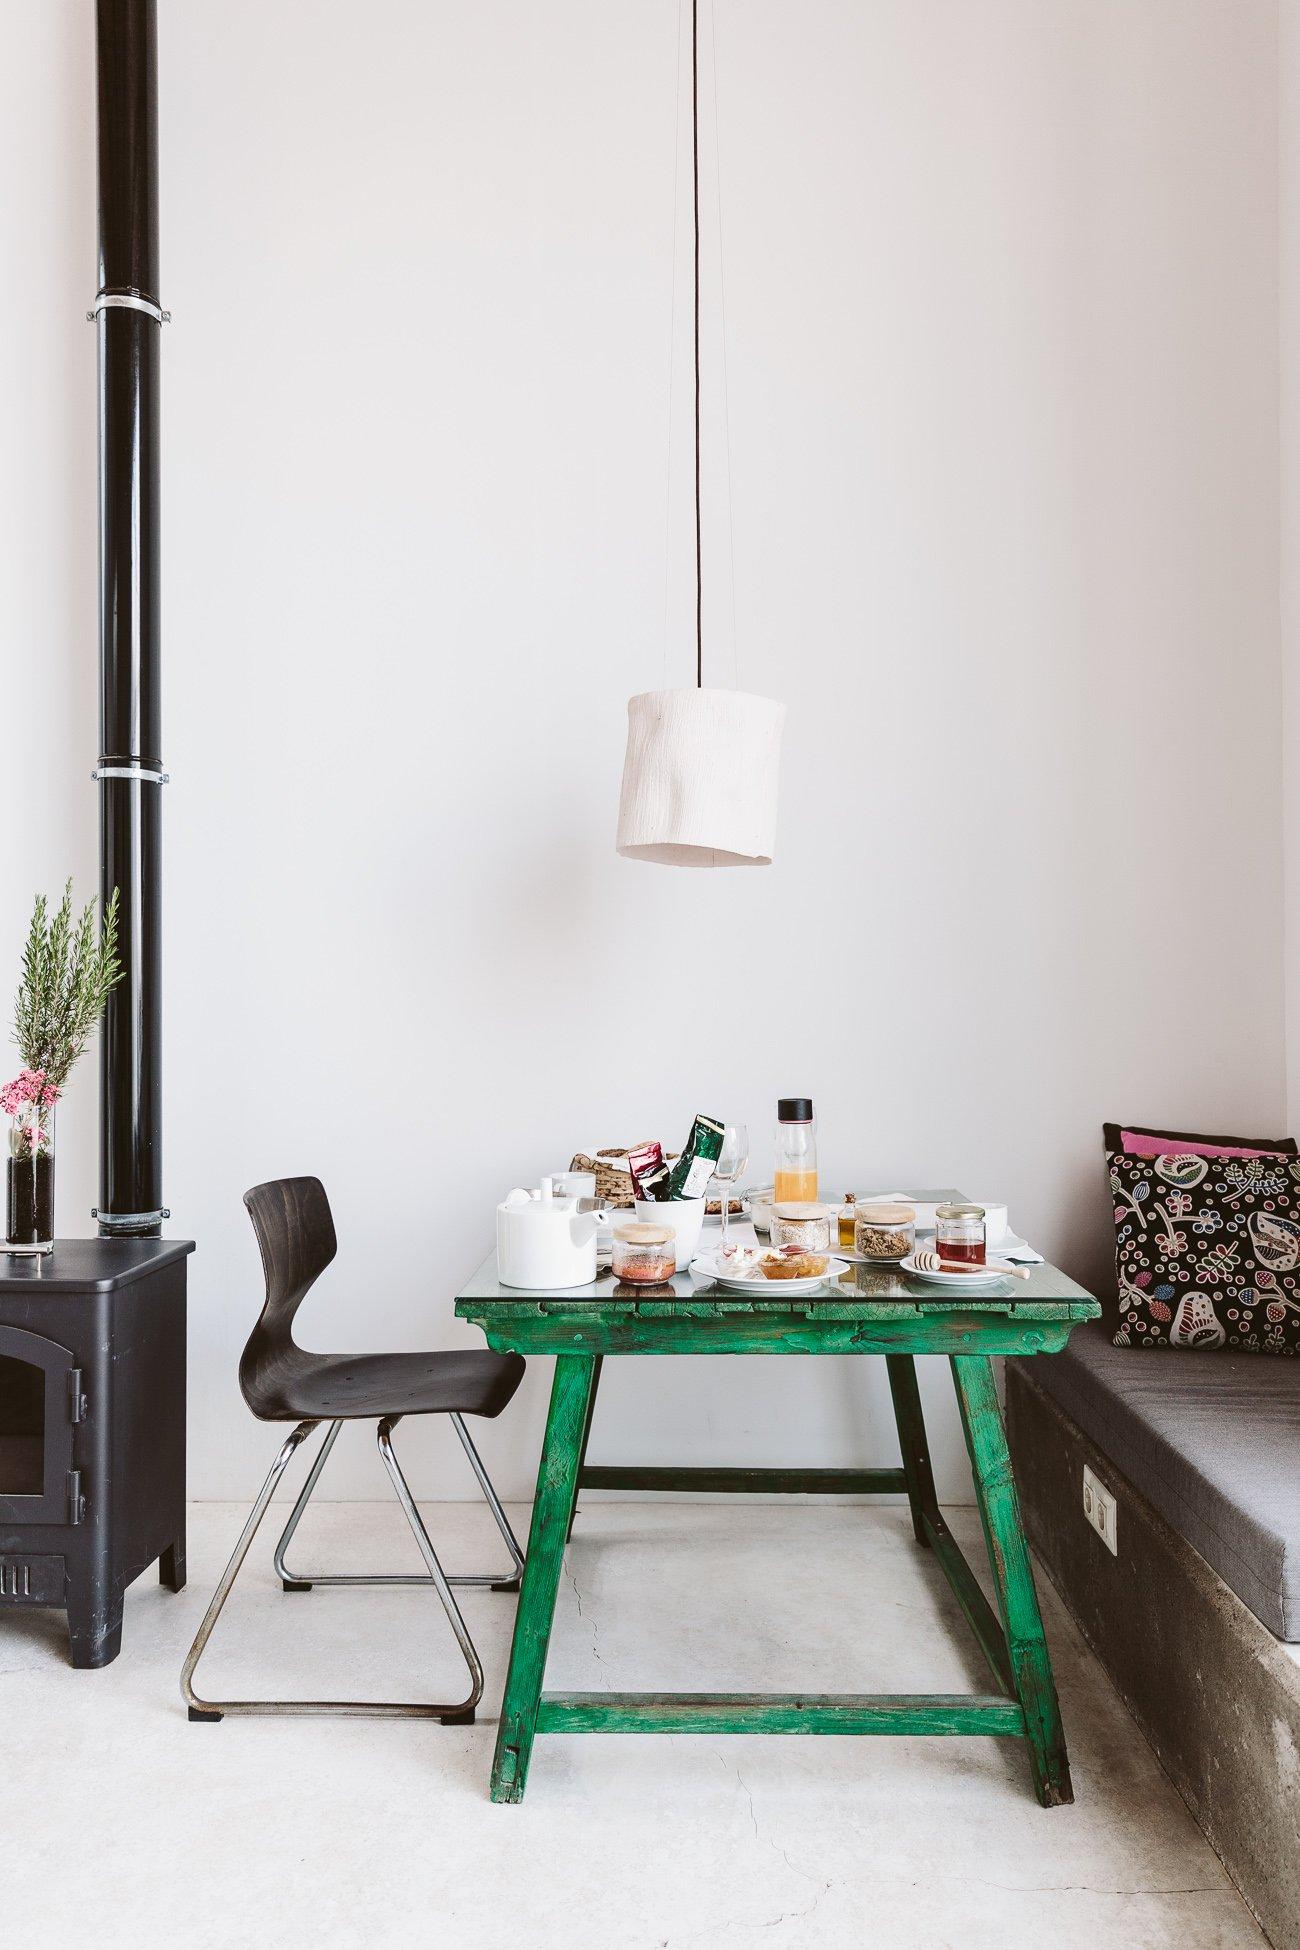 Living room at Suite Sur at Buenavista Country Suites Lanzarote